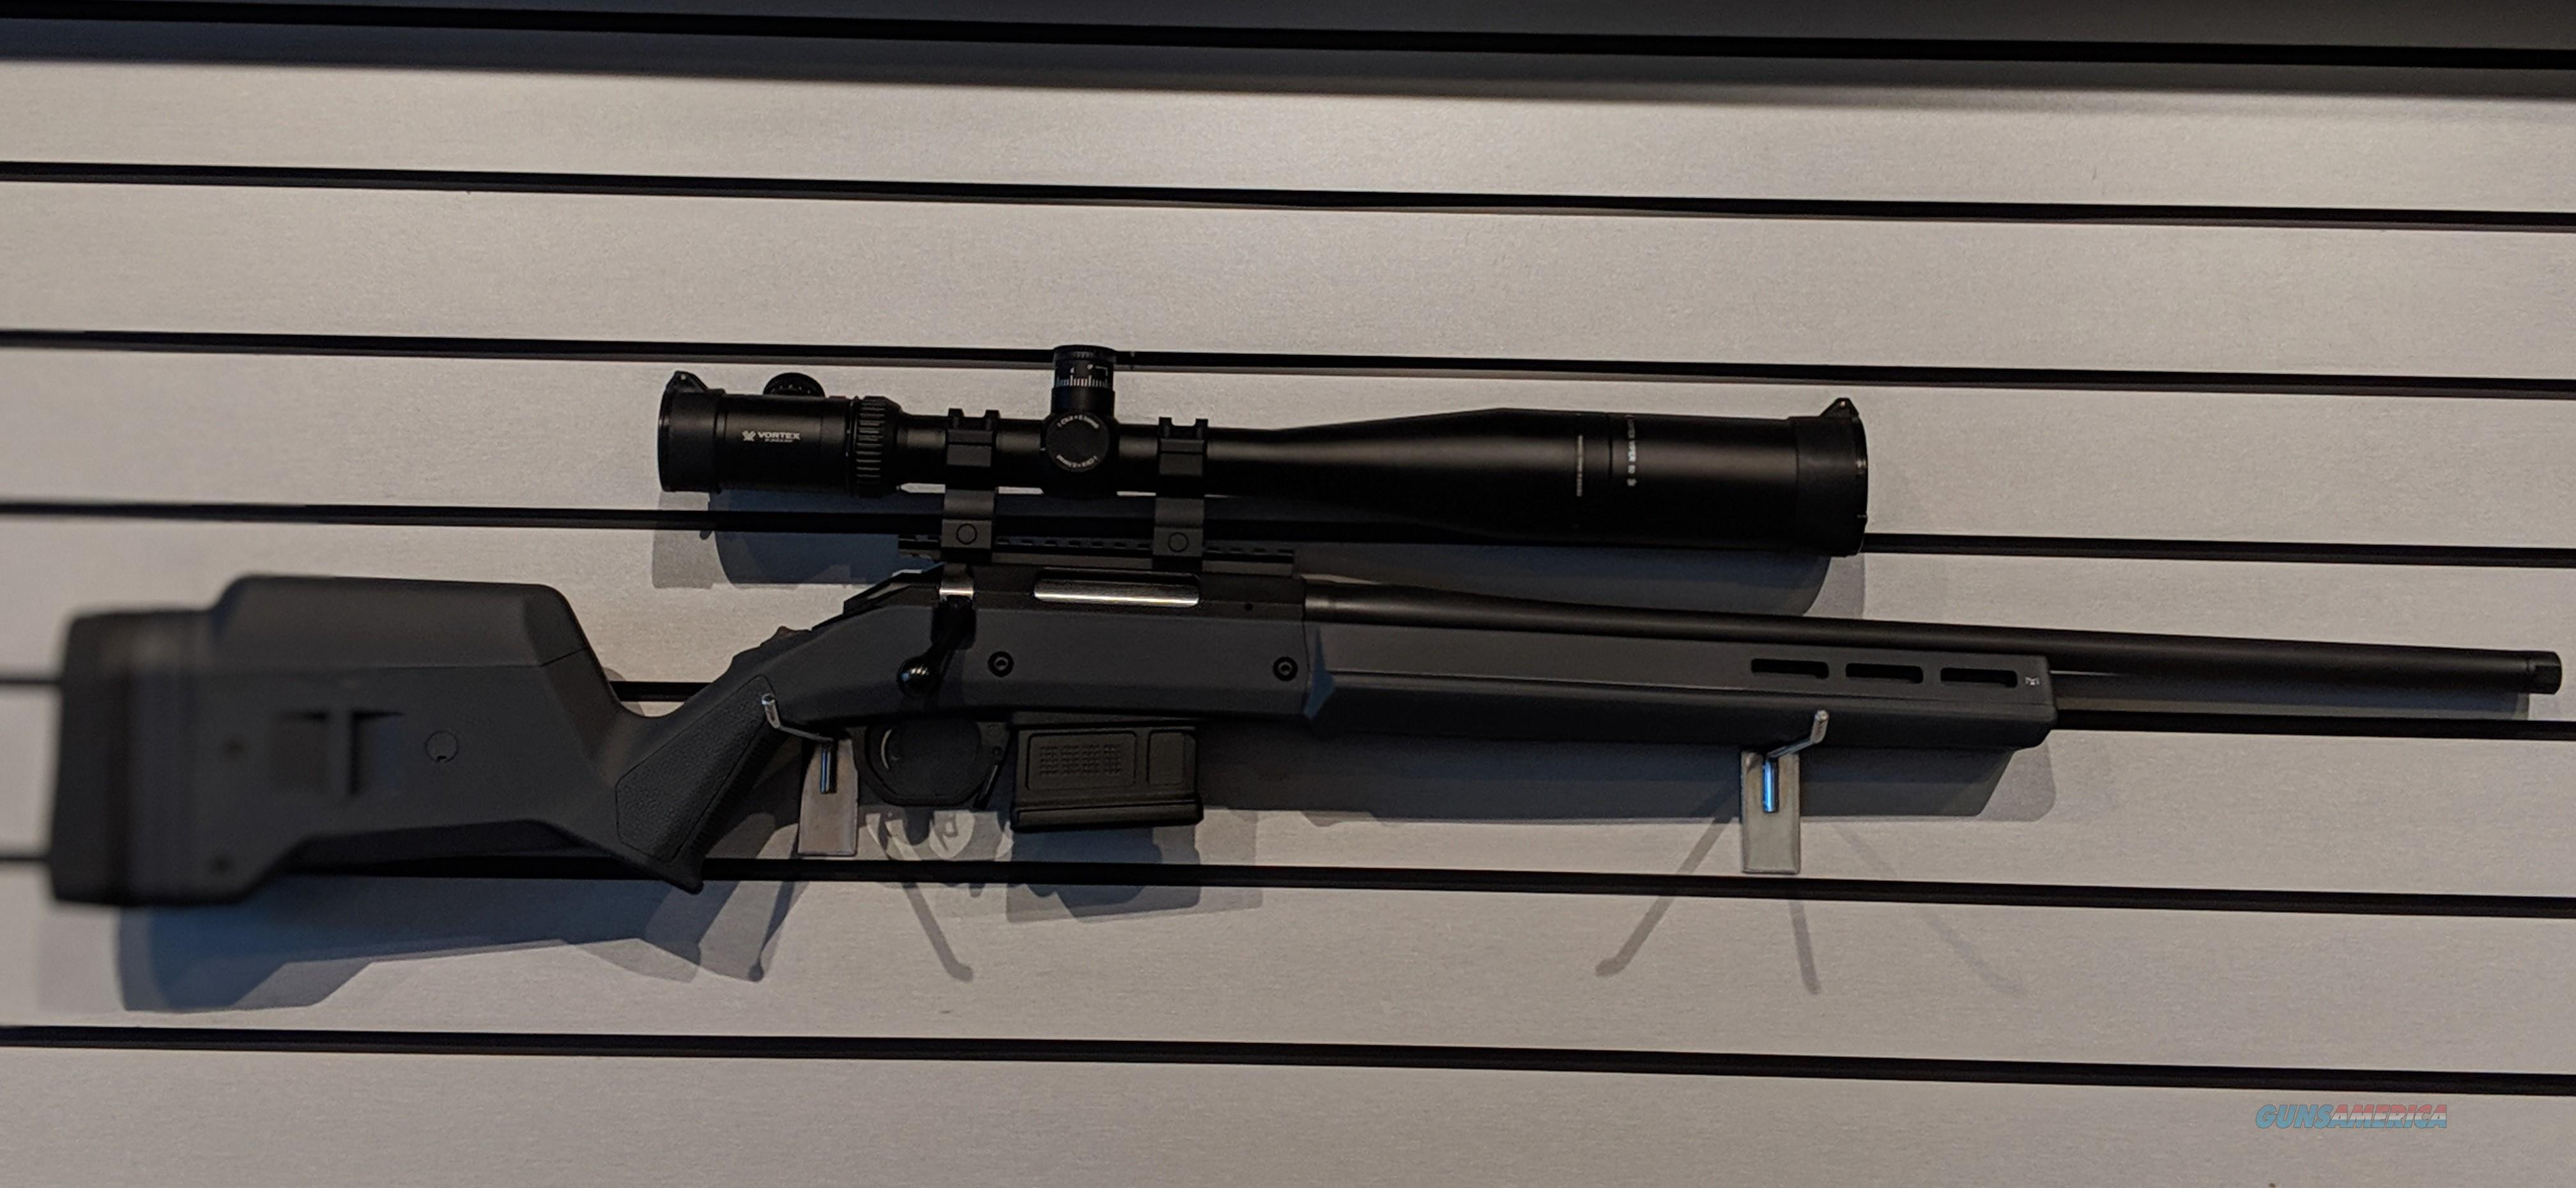 Ruger American Predator 6.5CM/Magpul Hunter Stock  Guns > Rifles > Ruger Rifles > American Rifle